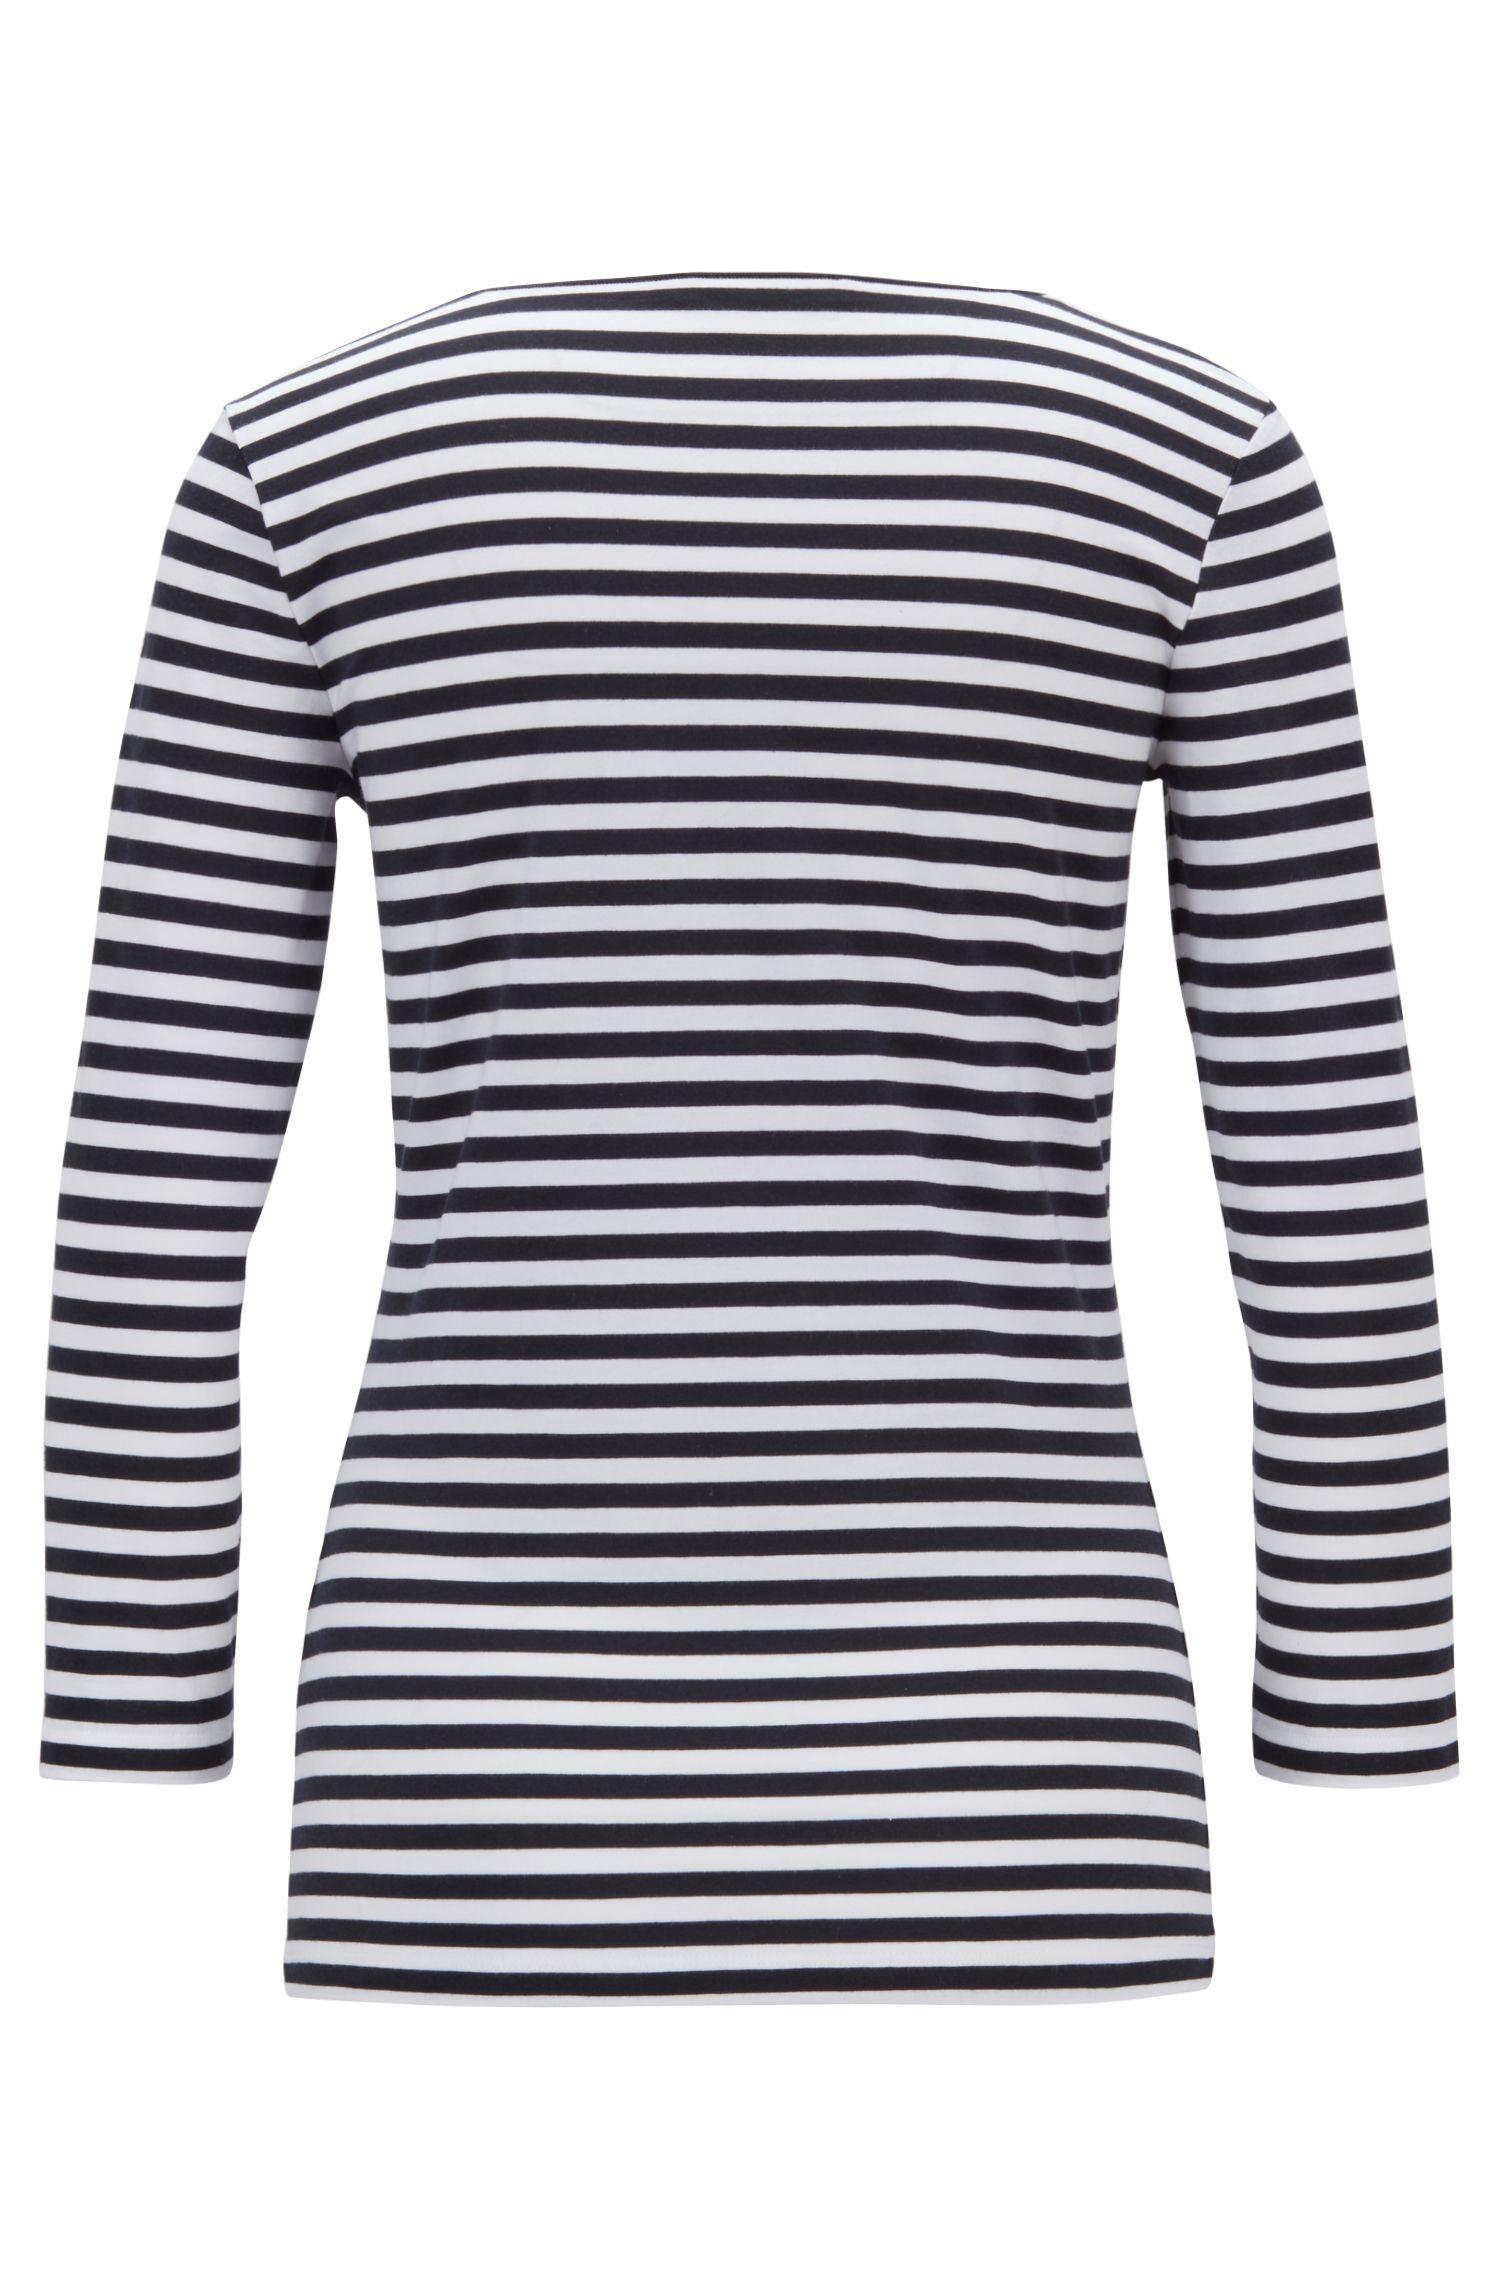 Maglia a righe Breton in jersey elasticizzato con modal, A disegni